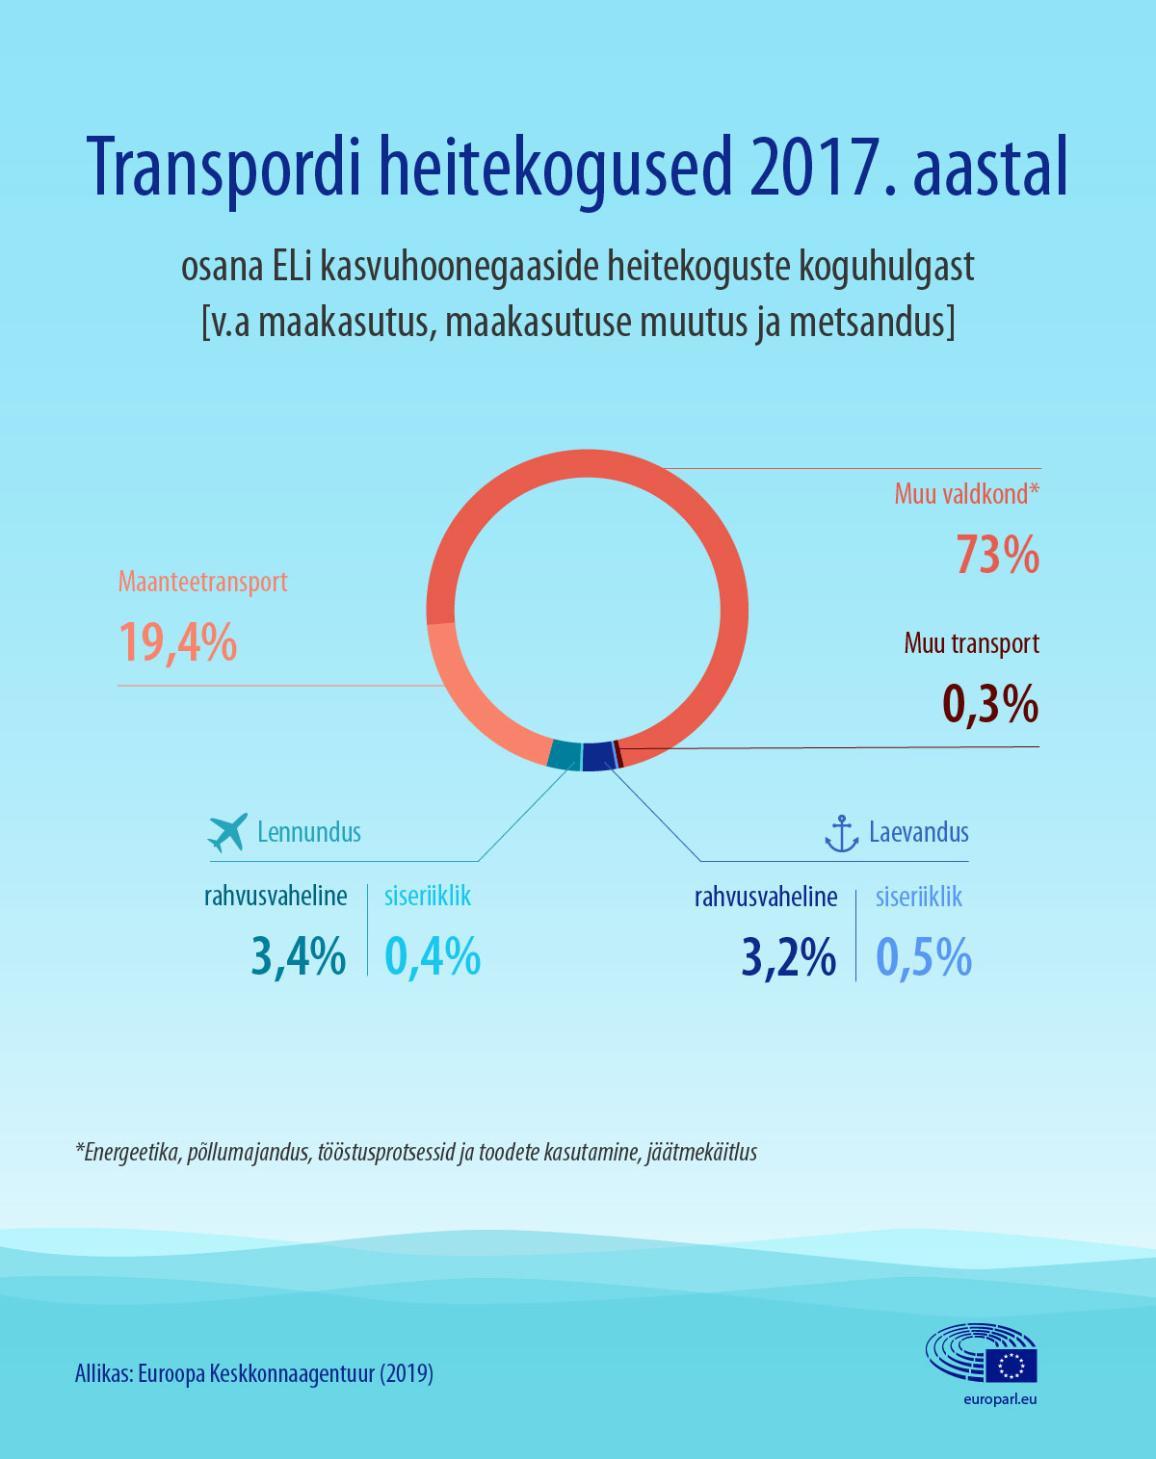 Transpordi heitekoguste infograafika, sealhulgas lennundus ja laevandus osana ELi kogust kasvuhoonegaaside hulgast